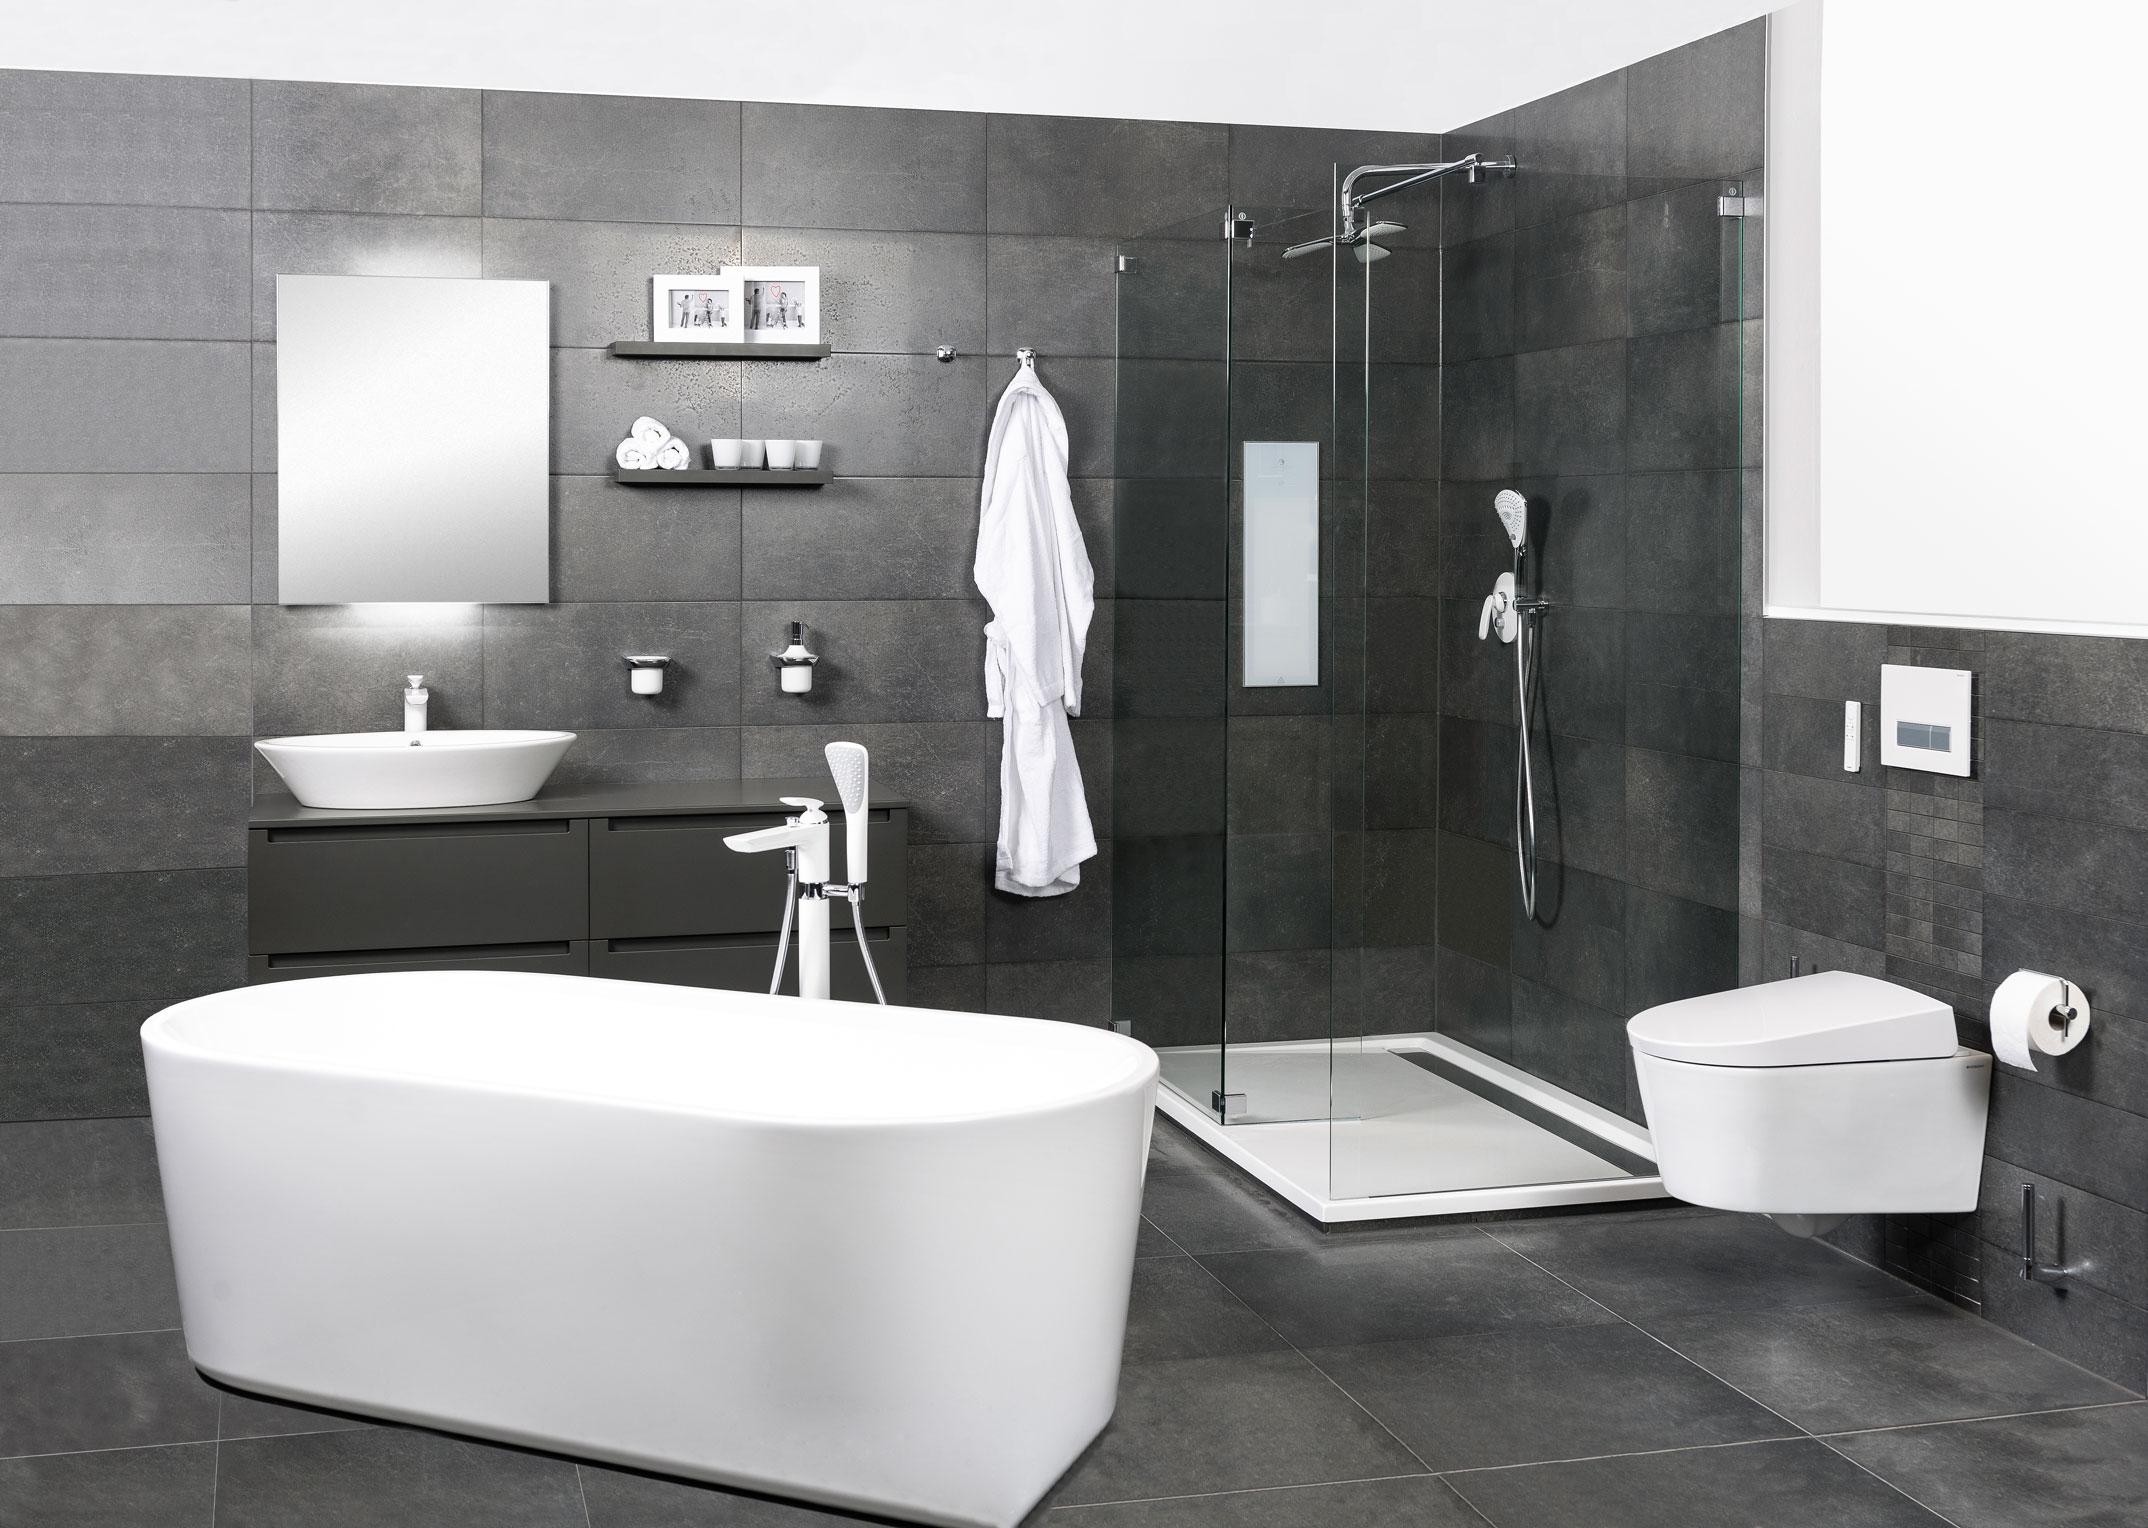 Keuken En Badkamer Deal ~ Complete badkamers voor elke stijl  Nieuws Startpagina voor badkamer